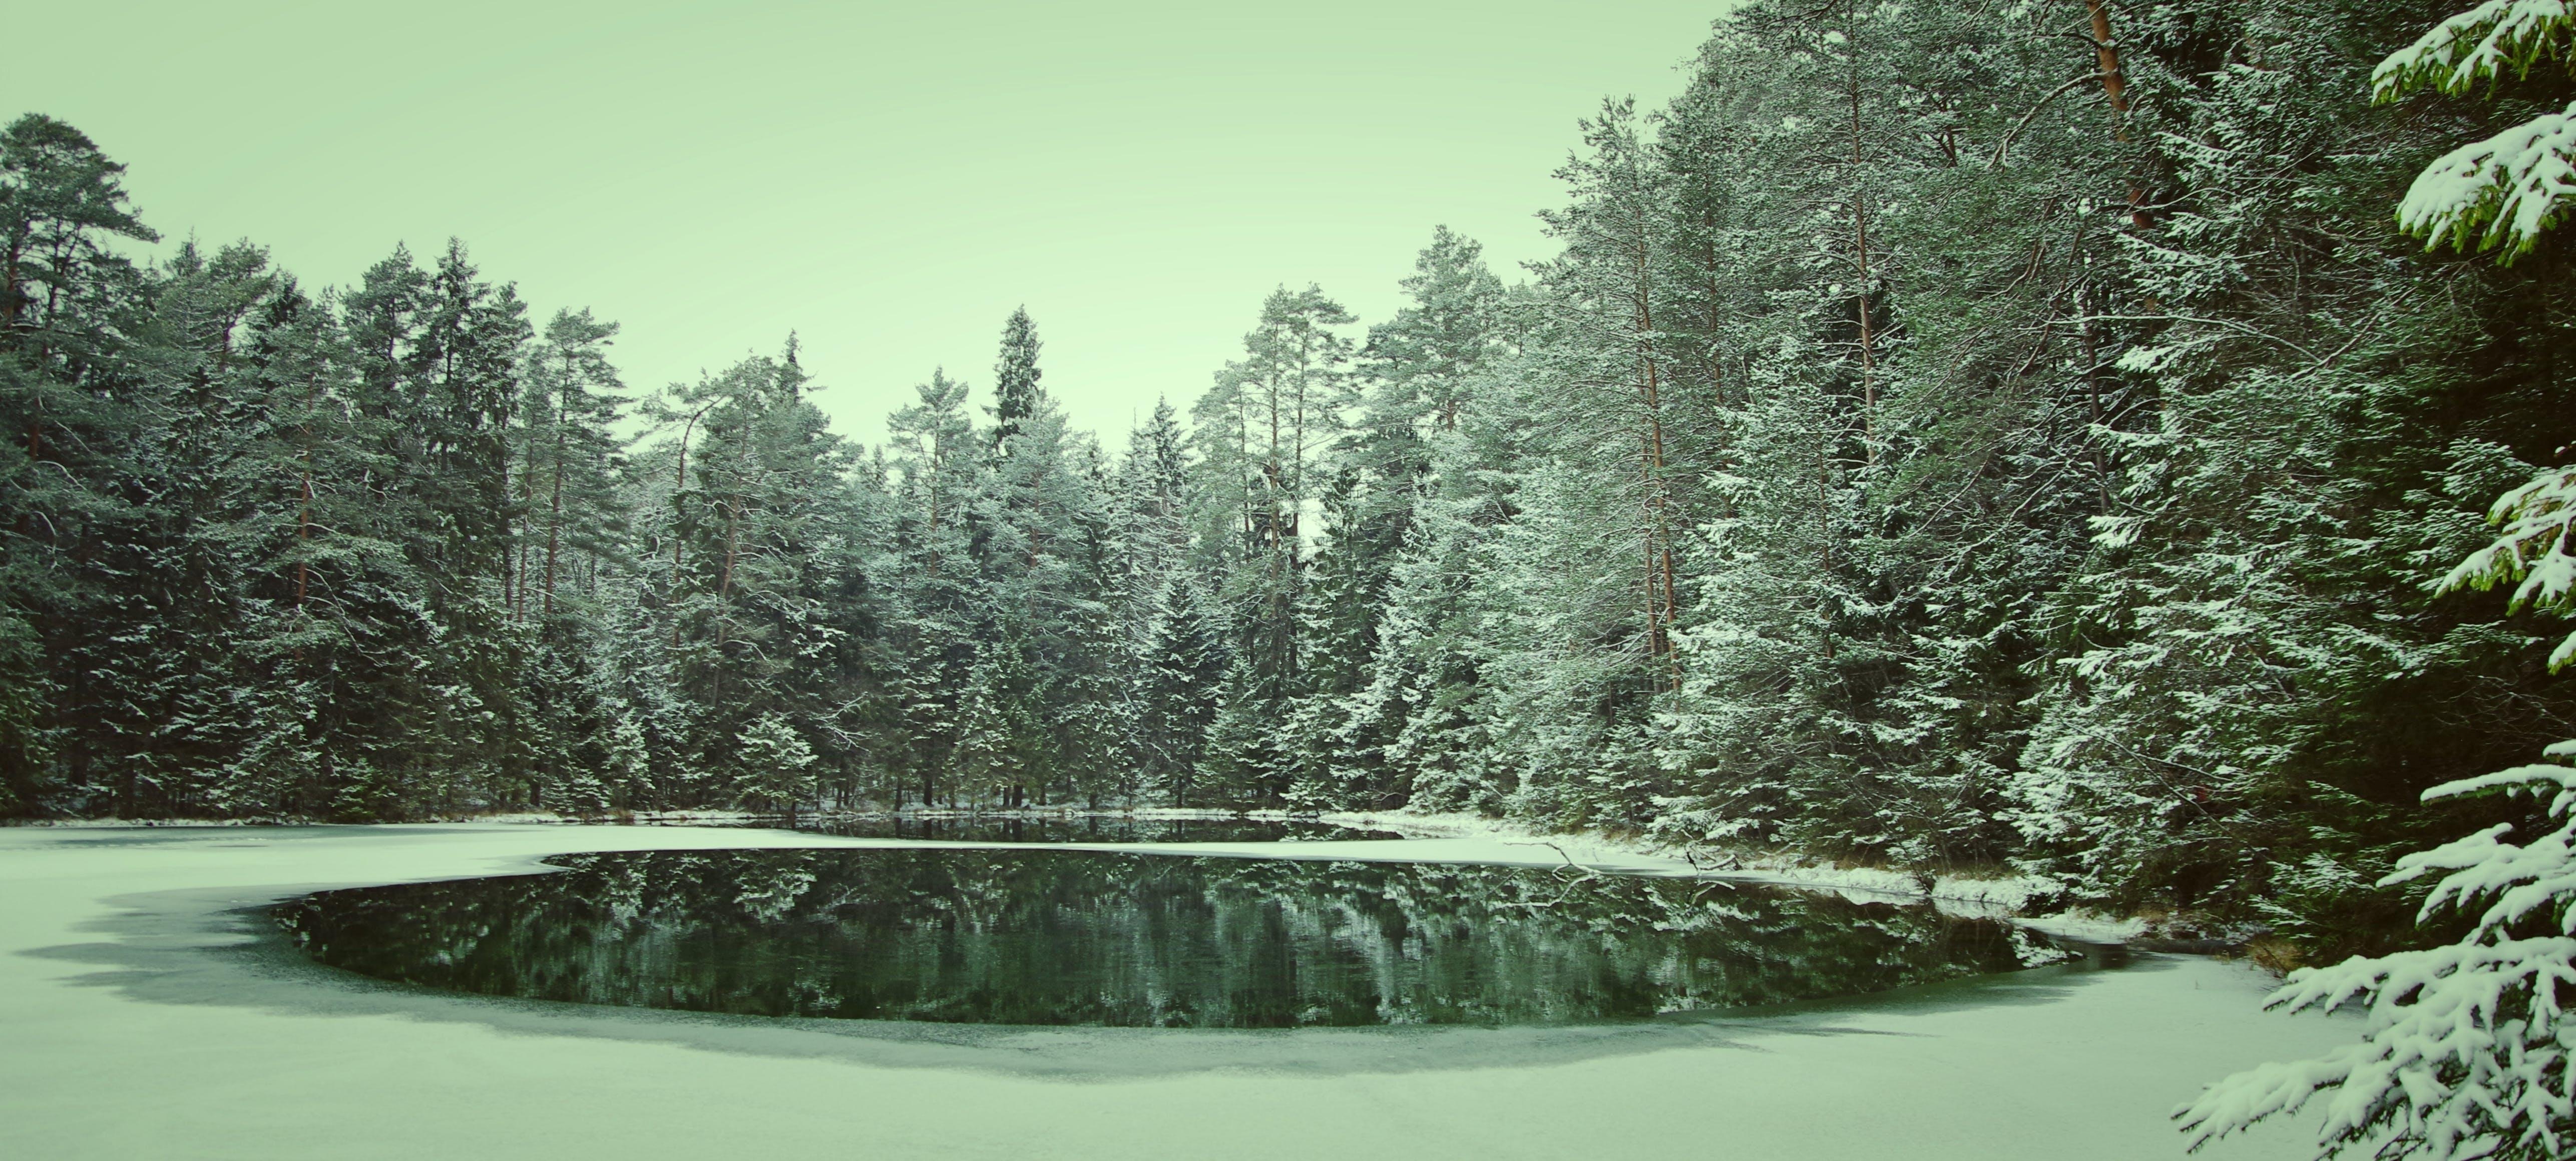 Foto d'estoc gratuïta de aigua, amb boira, arbre, arbres